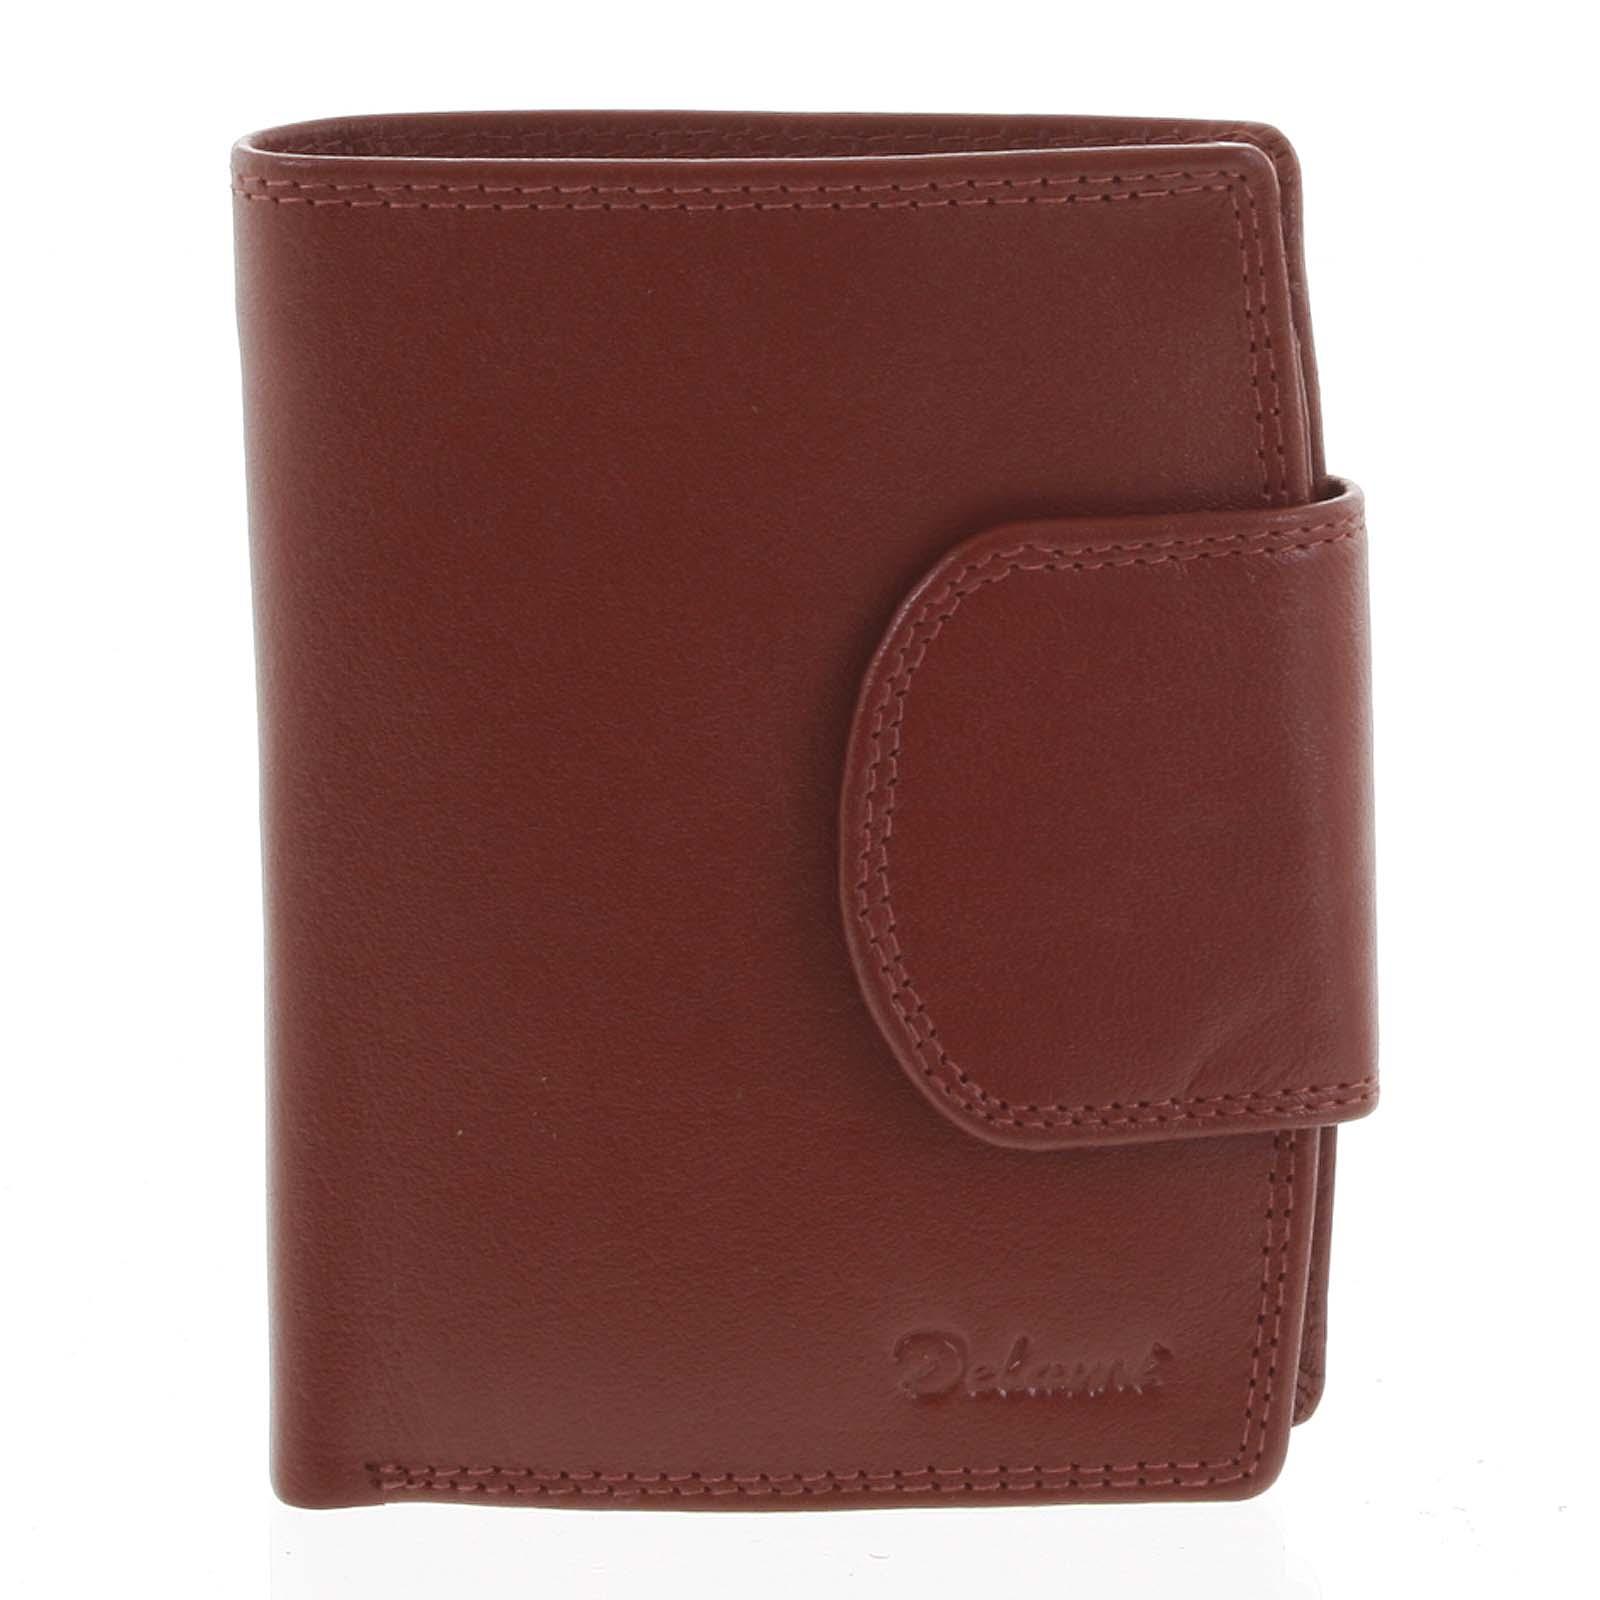 Kožená peněženka červená - Delami Chase